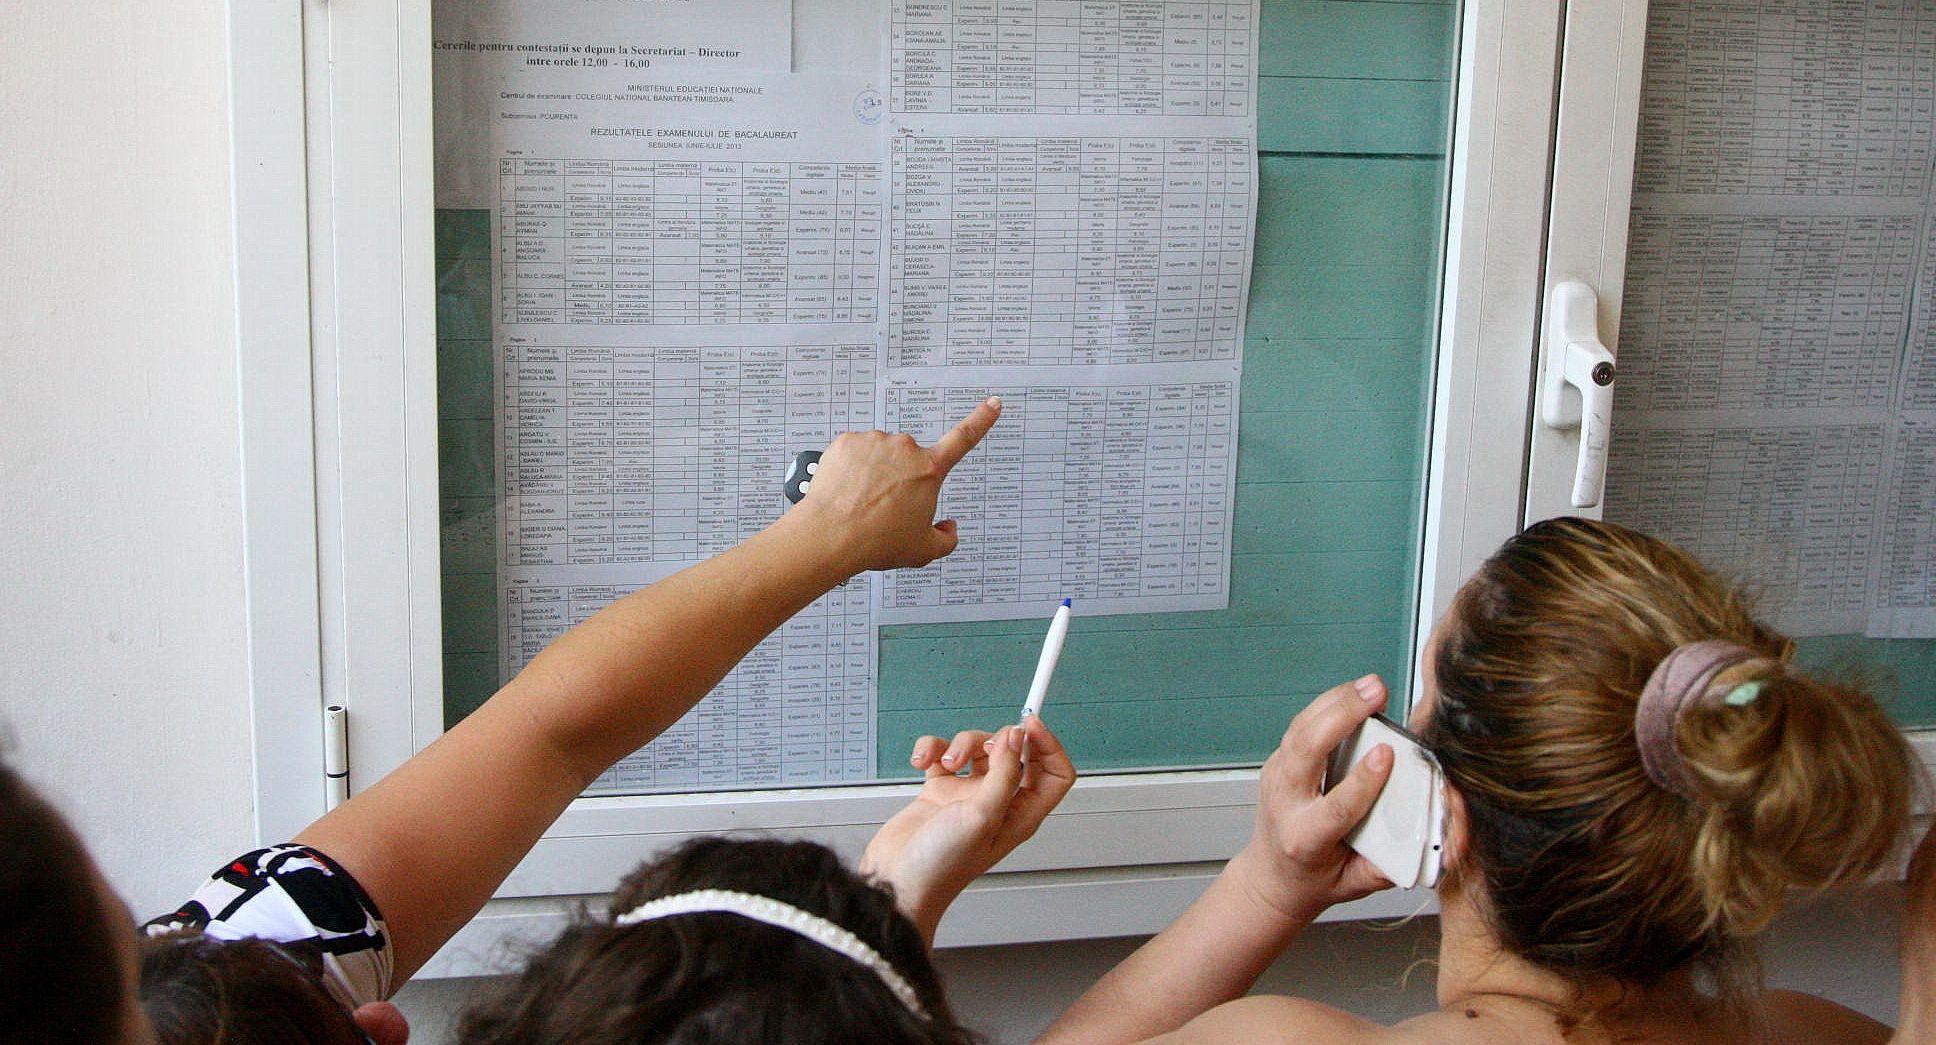 Elevi care se uită la rezultatele de la examene la un afișier.